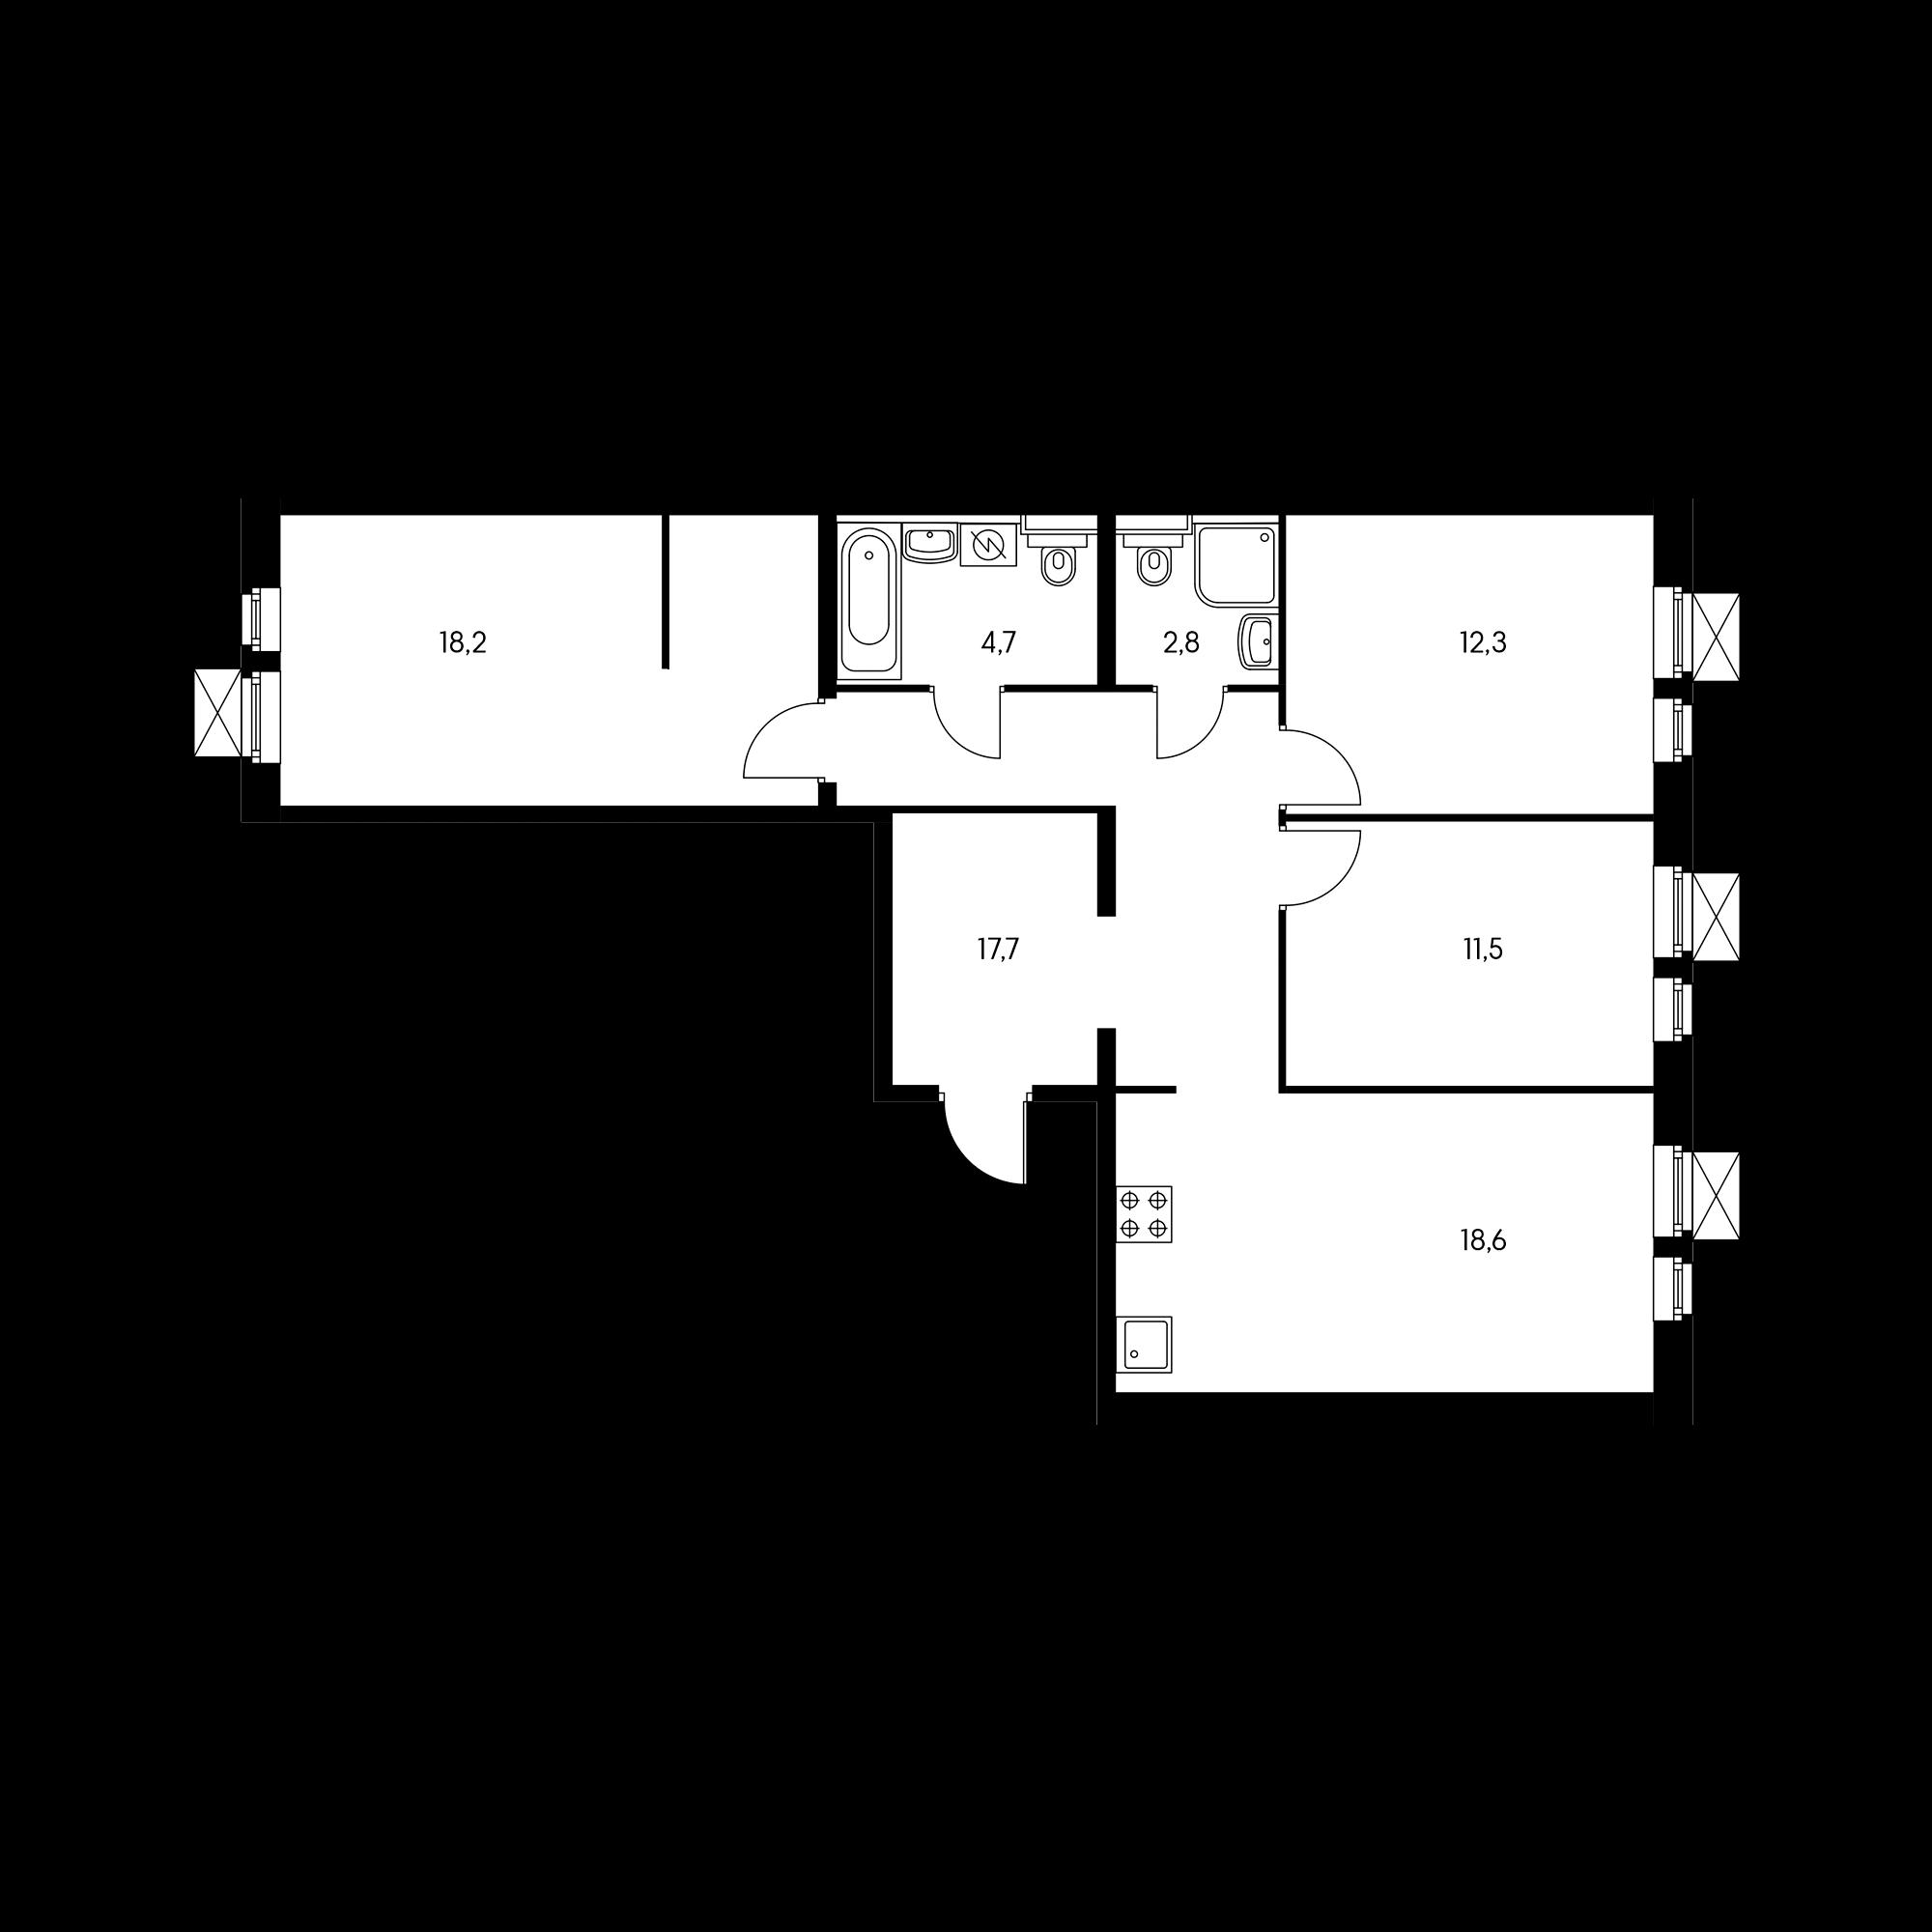 3EL3_9.6-2_S_A